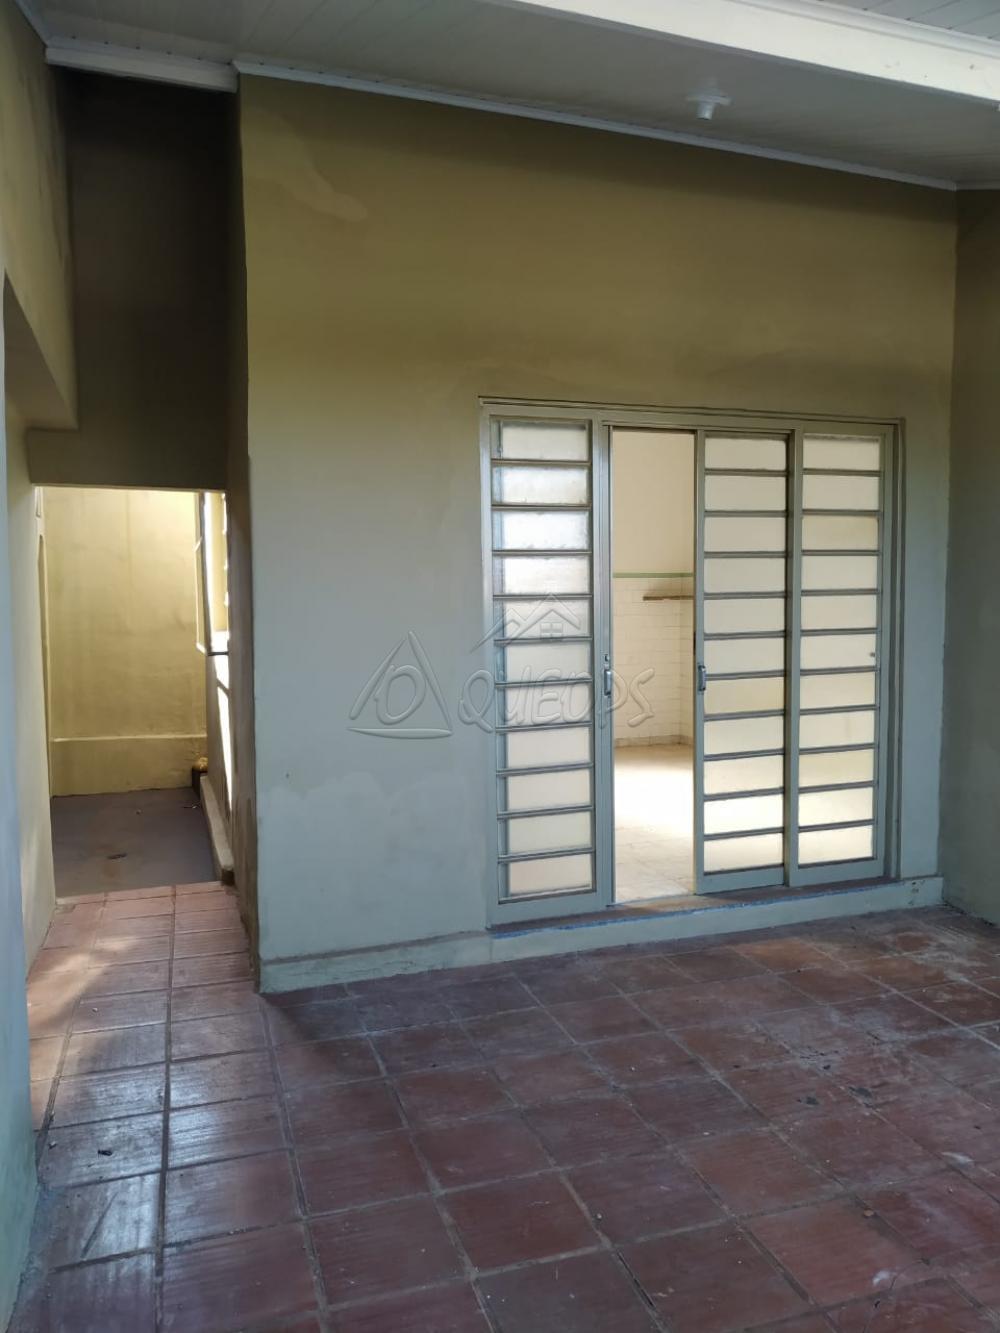 Comprar Casa / Padrão em Barretos apenas R$ 220.000,00 - Foto 4